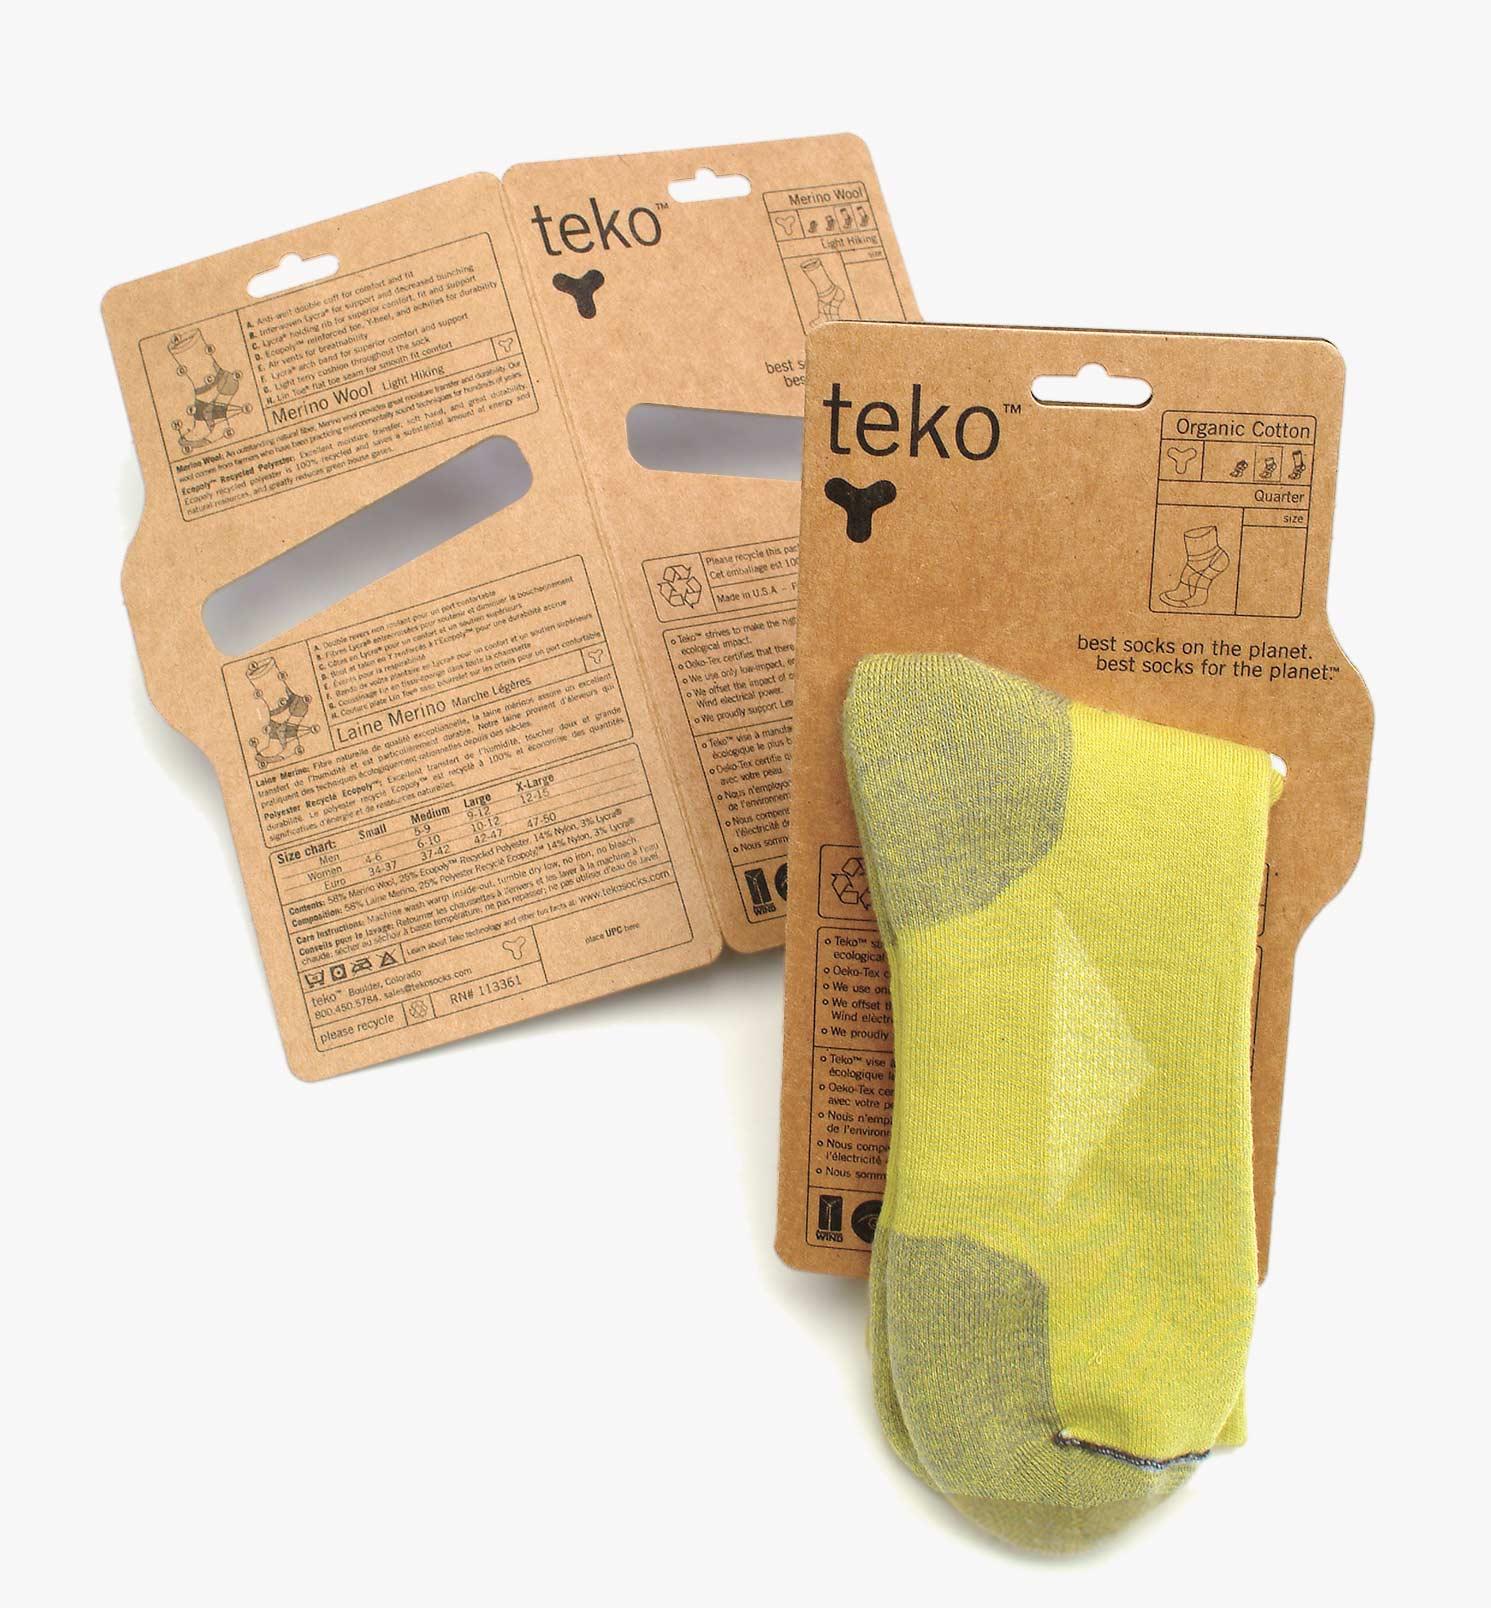 Sock-Packaging-design_Teko-Socks_Branding-White.jpg